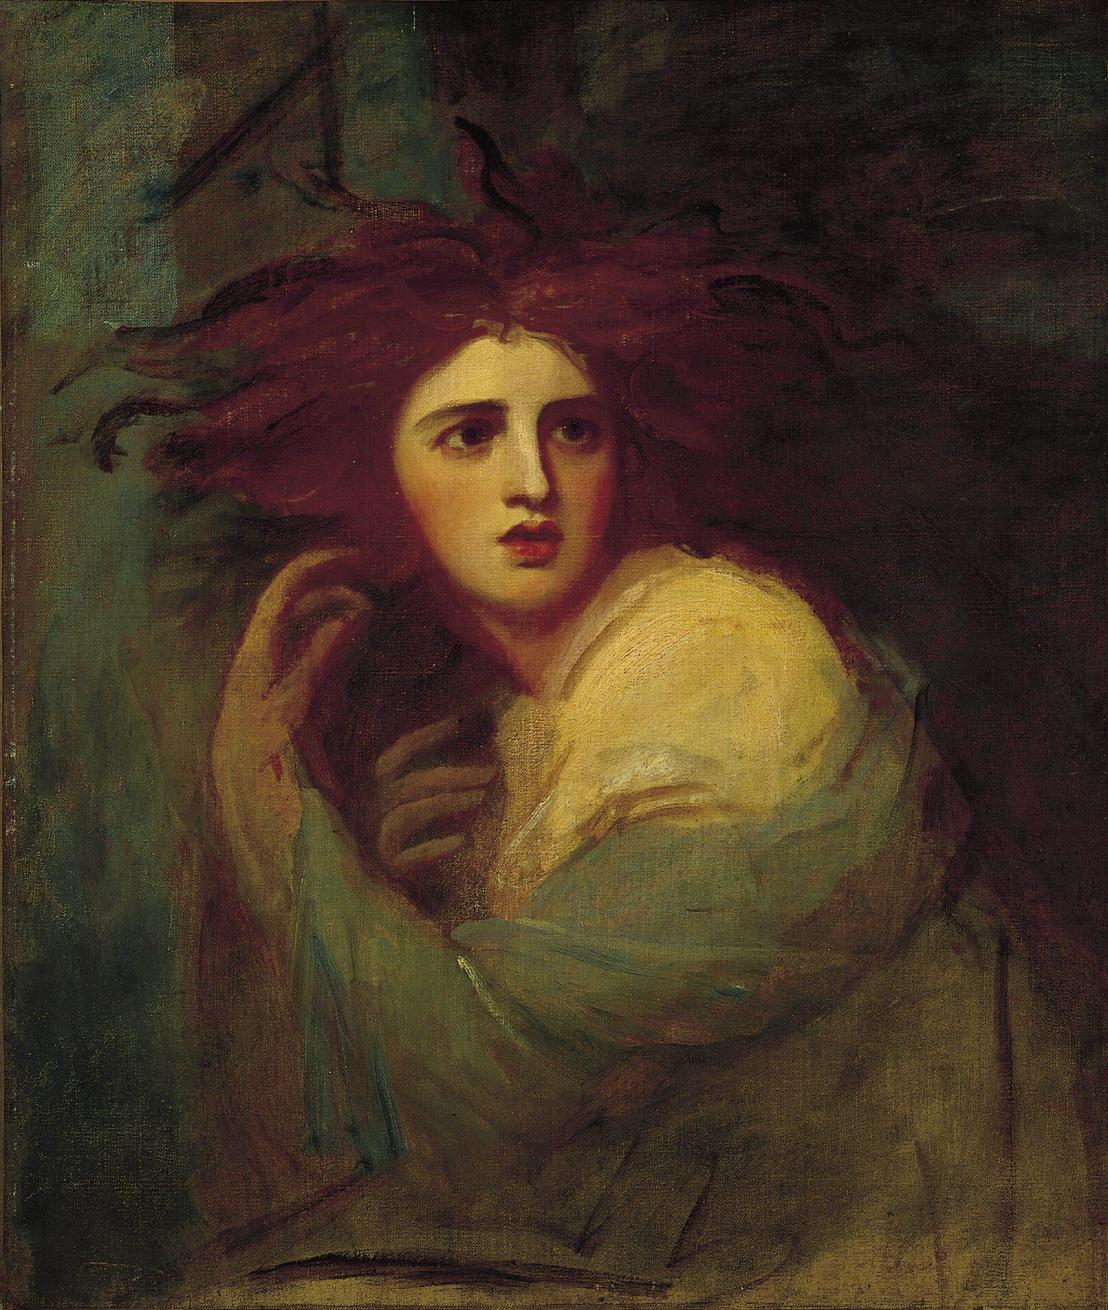 181. Medea by Seneca (c.50AD)